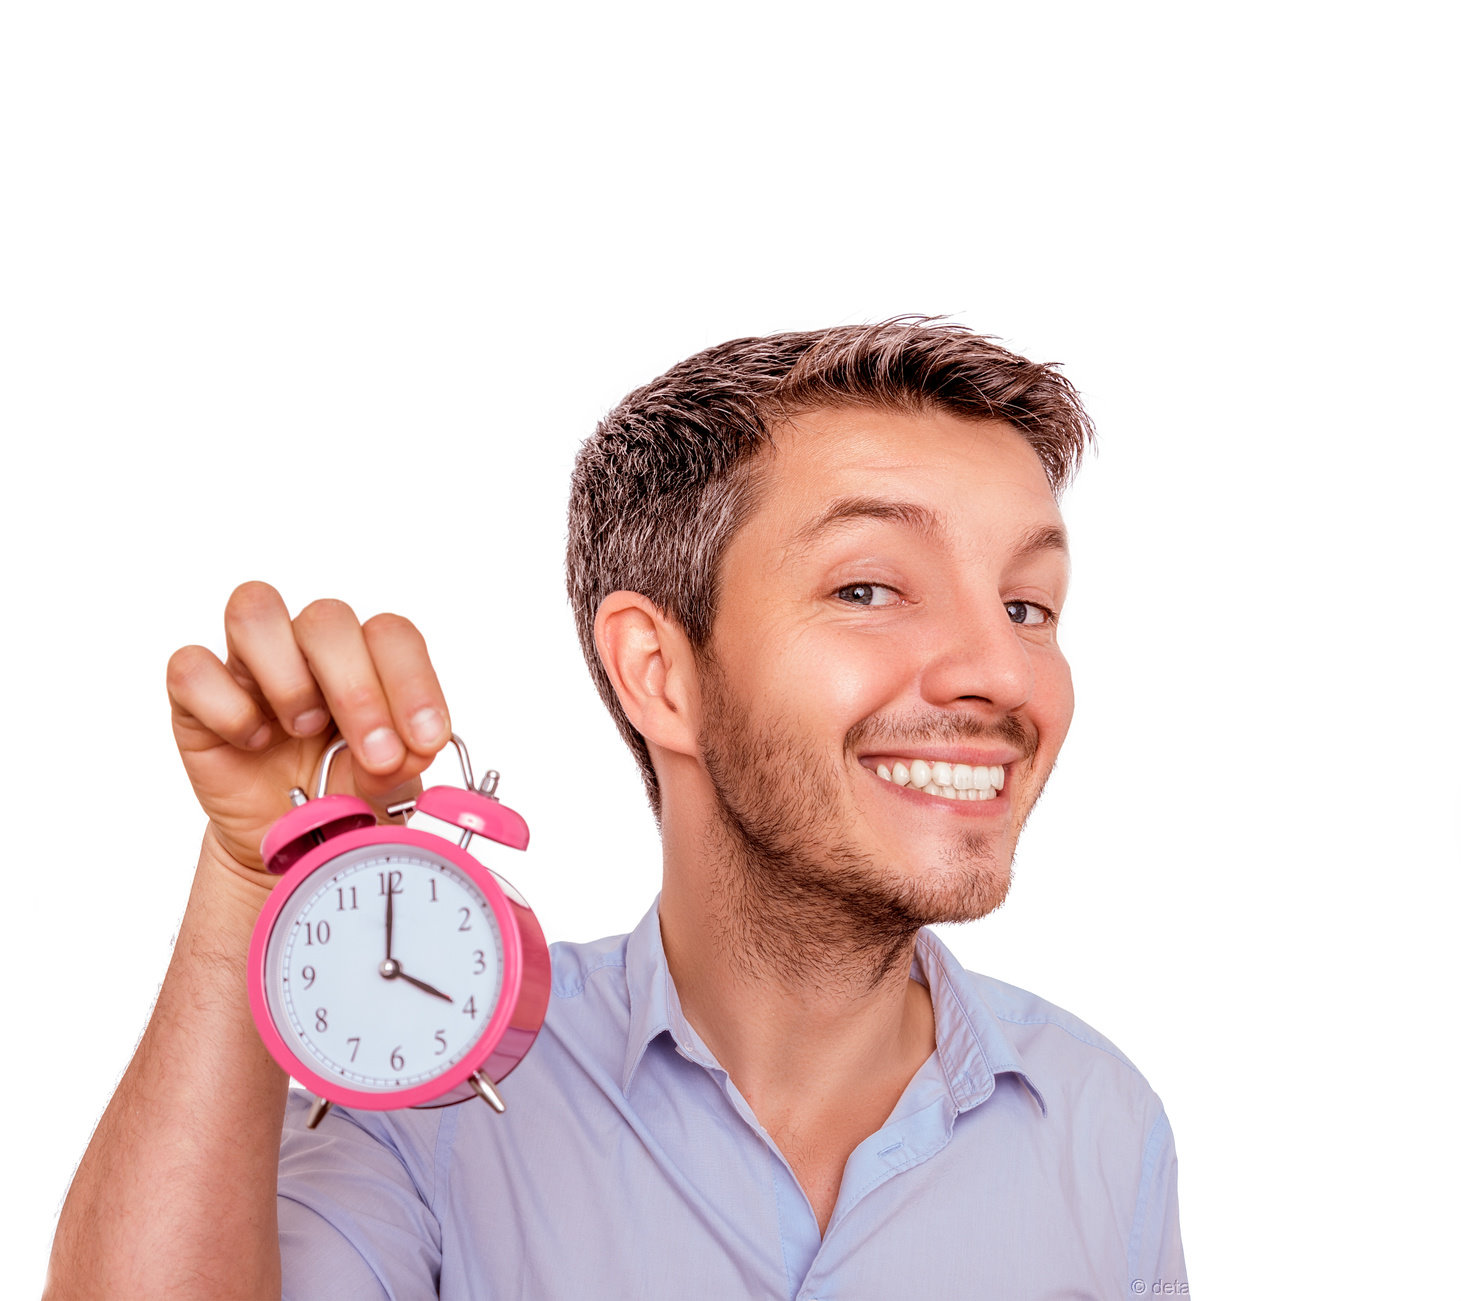 Regelung von Arbeitszeiten